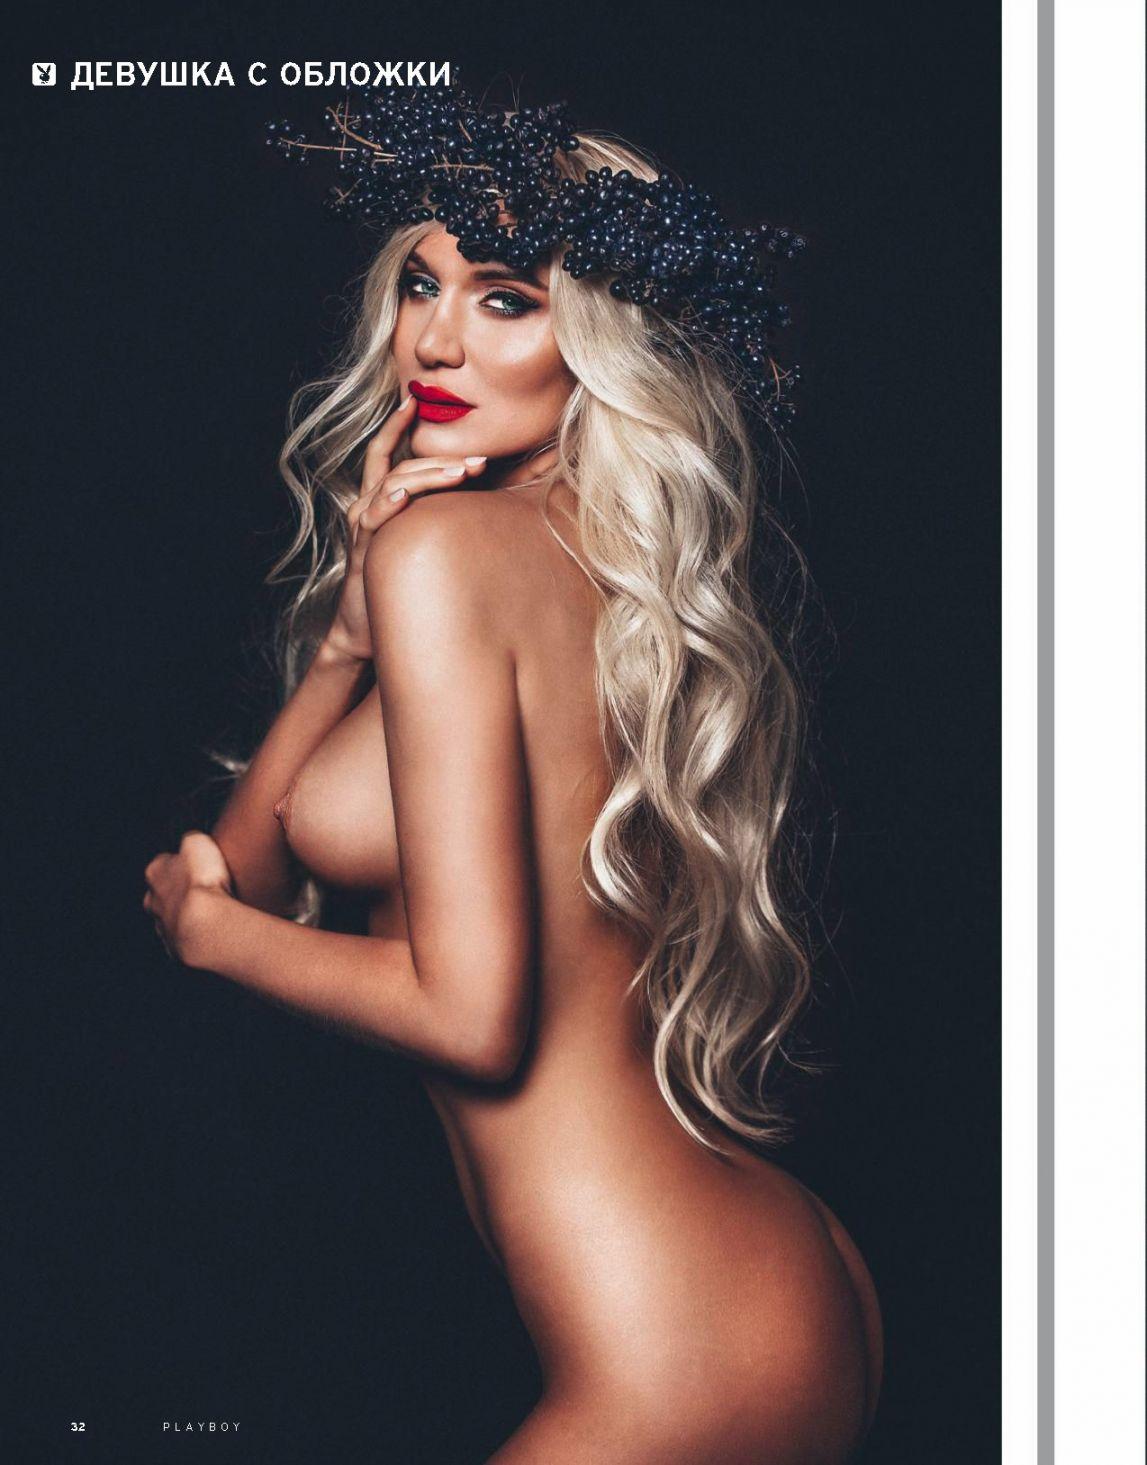 Nicole wilkins naked